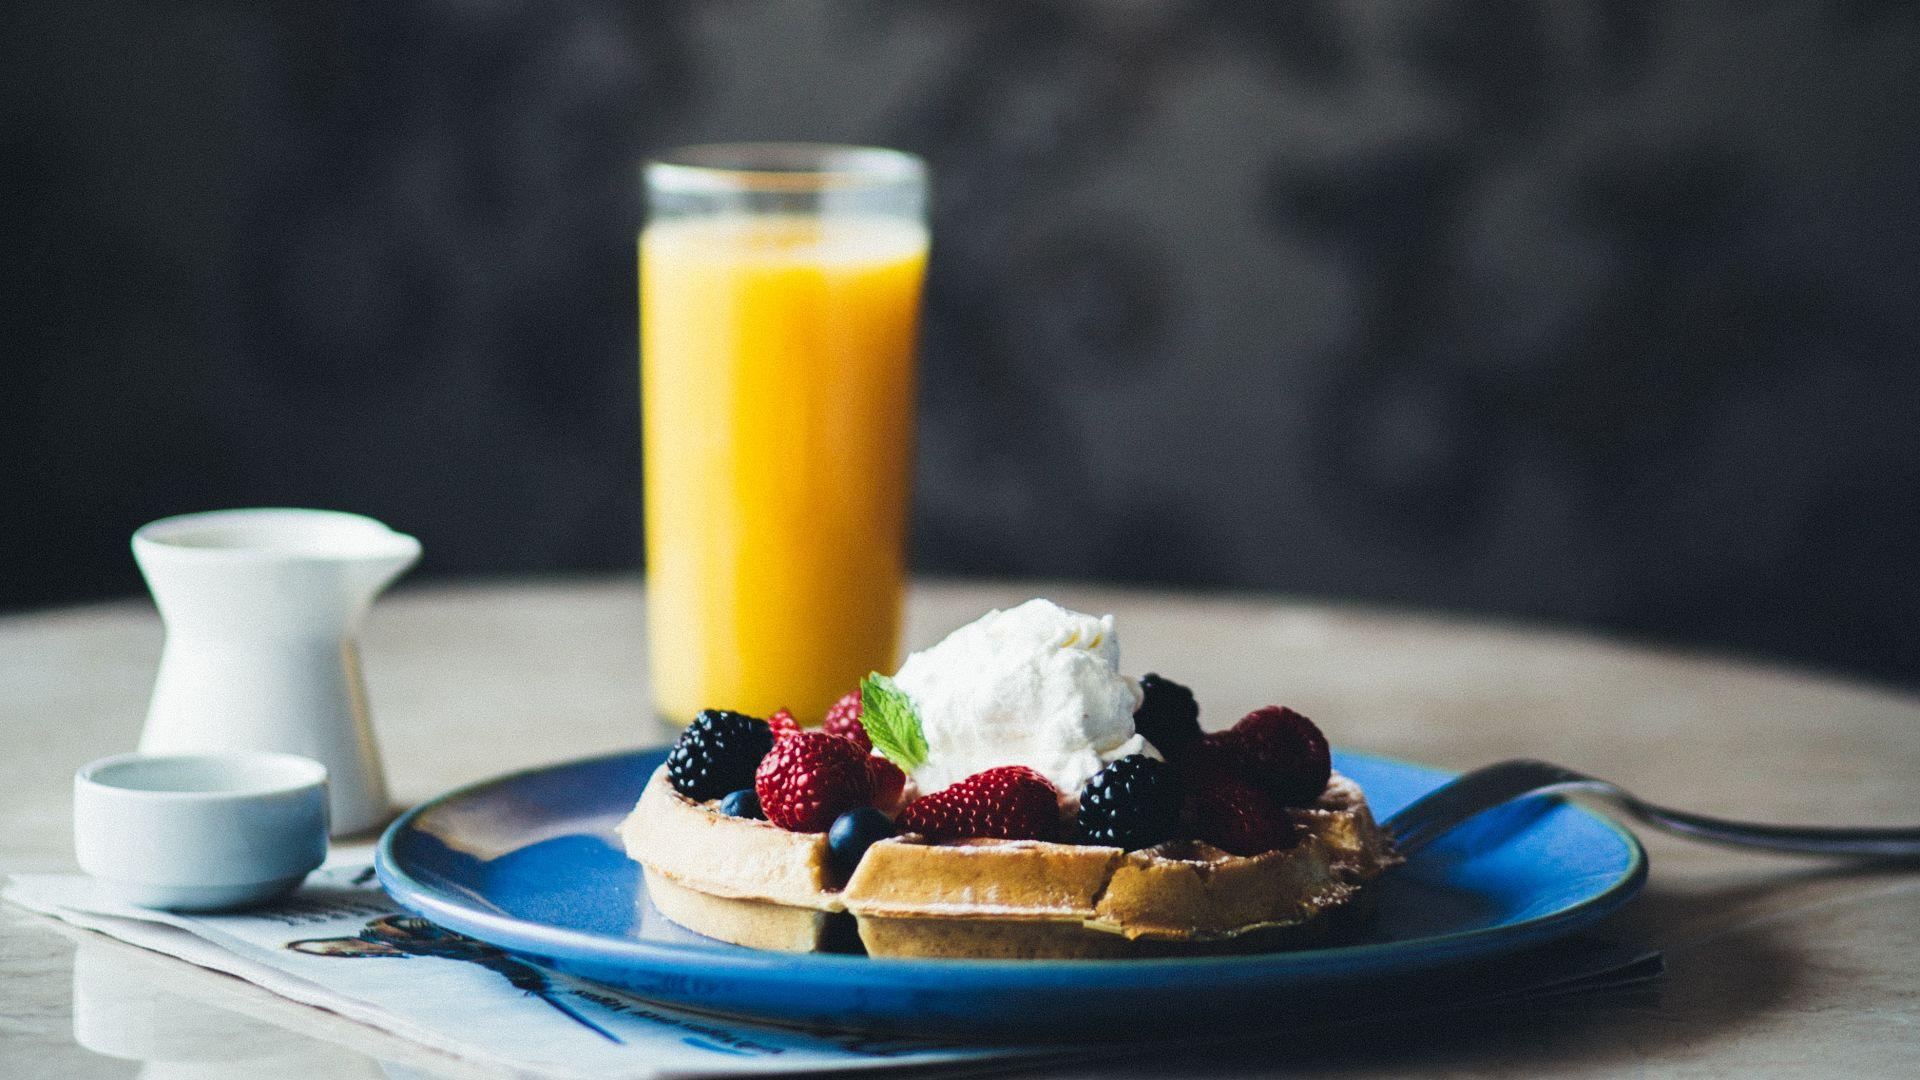   Alojamiento y desayuno en Arlington   Disfrute de un sabroso comienzo del día al reservar alojamiento y desayuno.   Reserve ahora